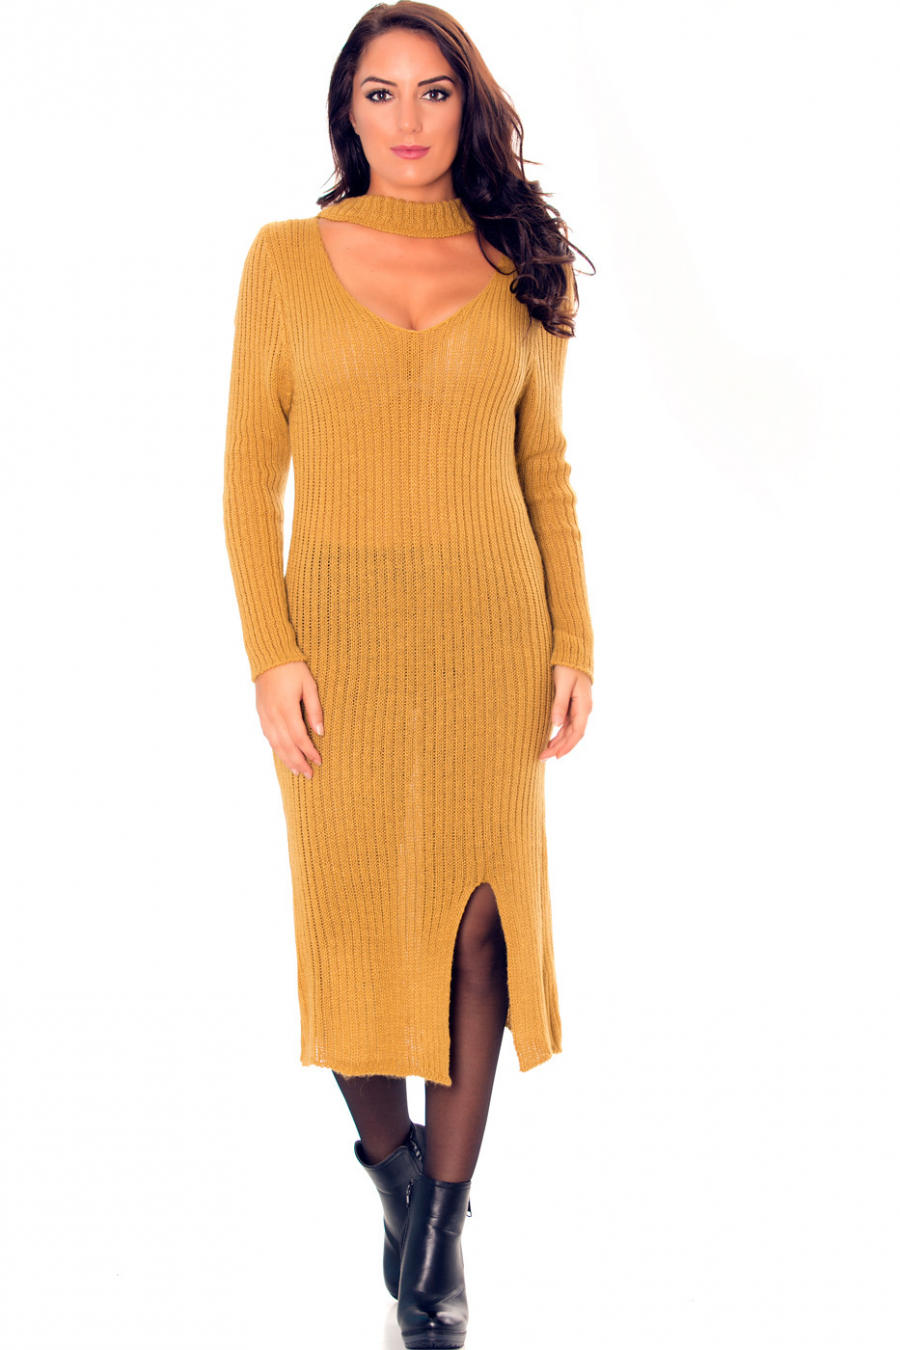 Longue robe pull en anthracite avec attache au cou et fente sur le côté très fashion. 0005.